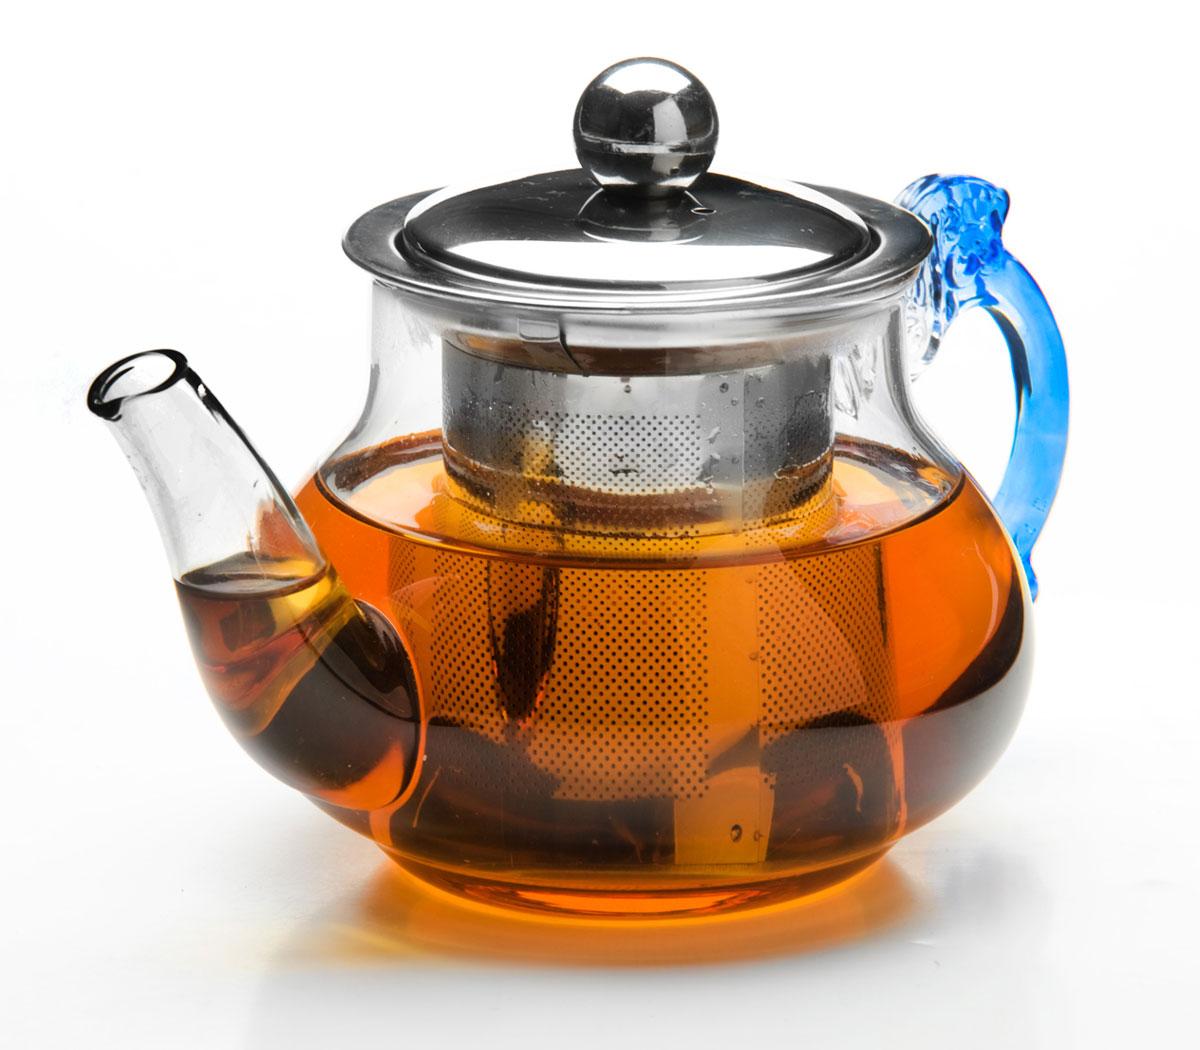 Чайник заварочный Mayer & Boch, с ситом, 400 мл. 2620026200Заварочный чайник Mayer & Boch изготовлен из термостойкого боросиликатного стекла, крышкаи фильтр выполнены из нержавеющей стали. Изделия из стекла не впитывают запахи, благодарячему вы всегда получите натуральный, насыщенный вкус и аромат напитков.Заварочный чайник из стекла удобно использовать для повседневного заваривания чаяпрактически любого сорта. Но цветочные, фруктовые, красные и желтые сорта чая лучше другихраскрывают свой вкус и аромат при заваривании именно в стеклянных чайниках, а такжесохраняют все полезные ферменты и витамины, содержащиеся в чайных листах. Стальнойфильтр гарантирует прозрачность и чистоту напитка от чайныхлистьев, при этом сохранив букет и насыщенность чая. Прозрачные стенки чайника даютвозможность насладиться насыщенным цветом заваренного чая. Изящный заварочный чайник Mayer & Boch будет прекрасно смотреться в любом интерьере.Подходит для мытья в посудомоечной машине.